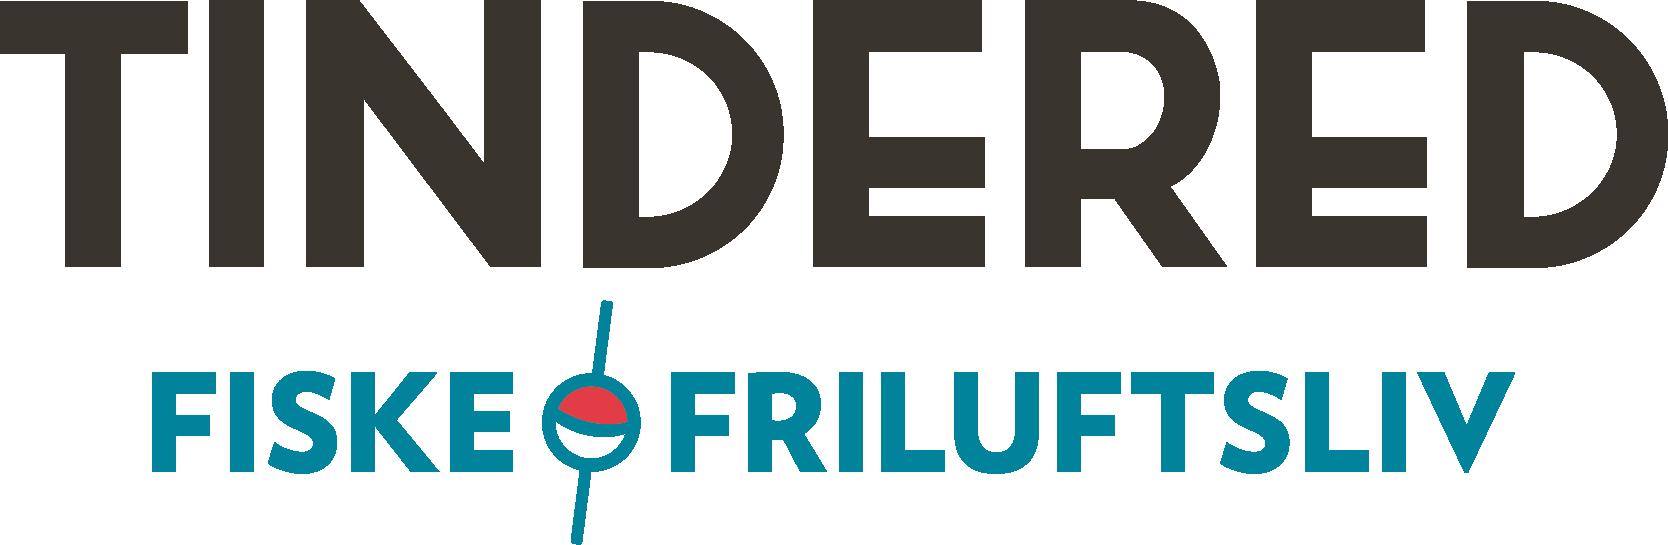 TINDERED FISKE & FRILUFTSLIV LOGO